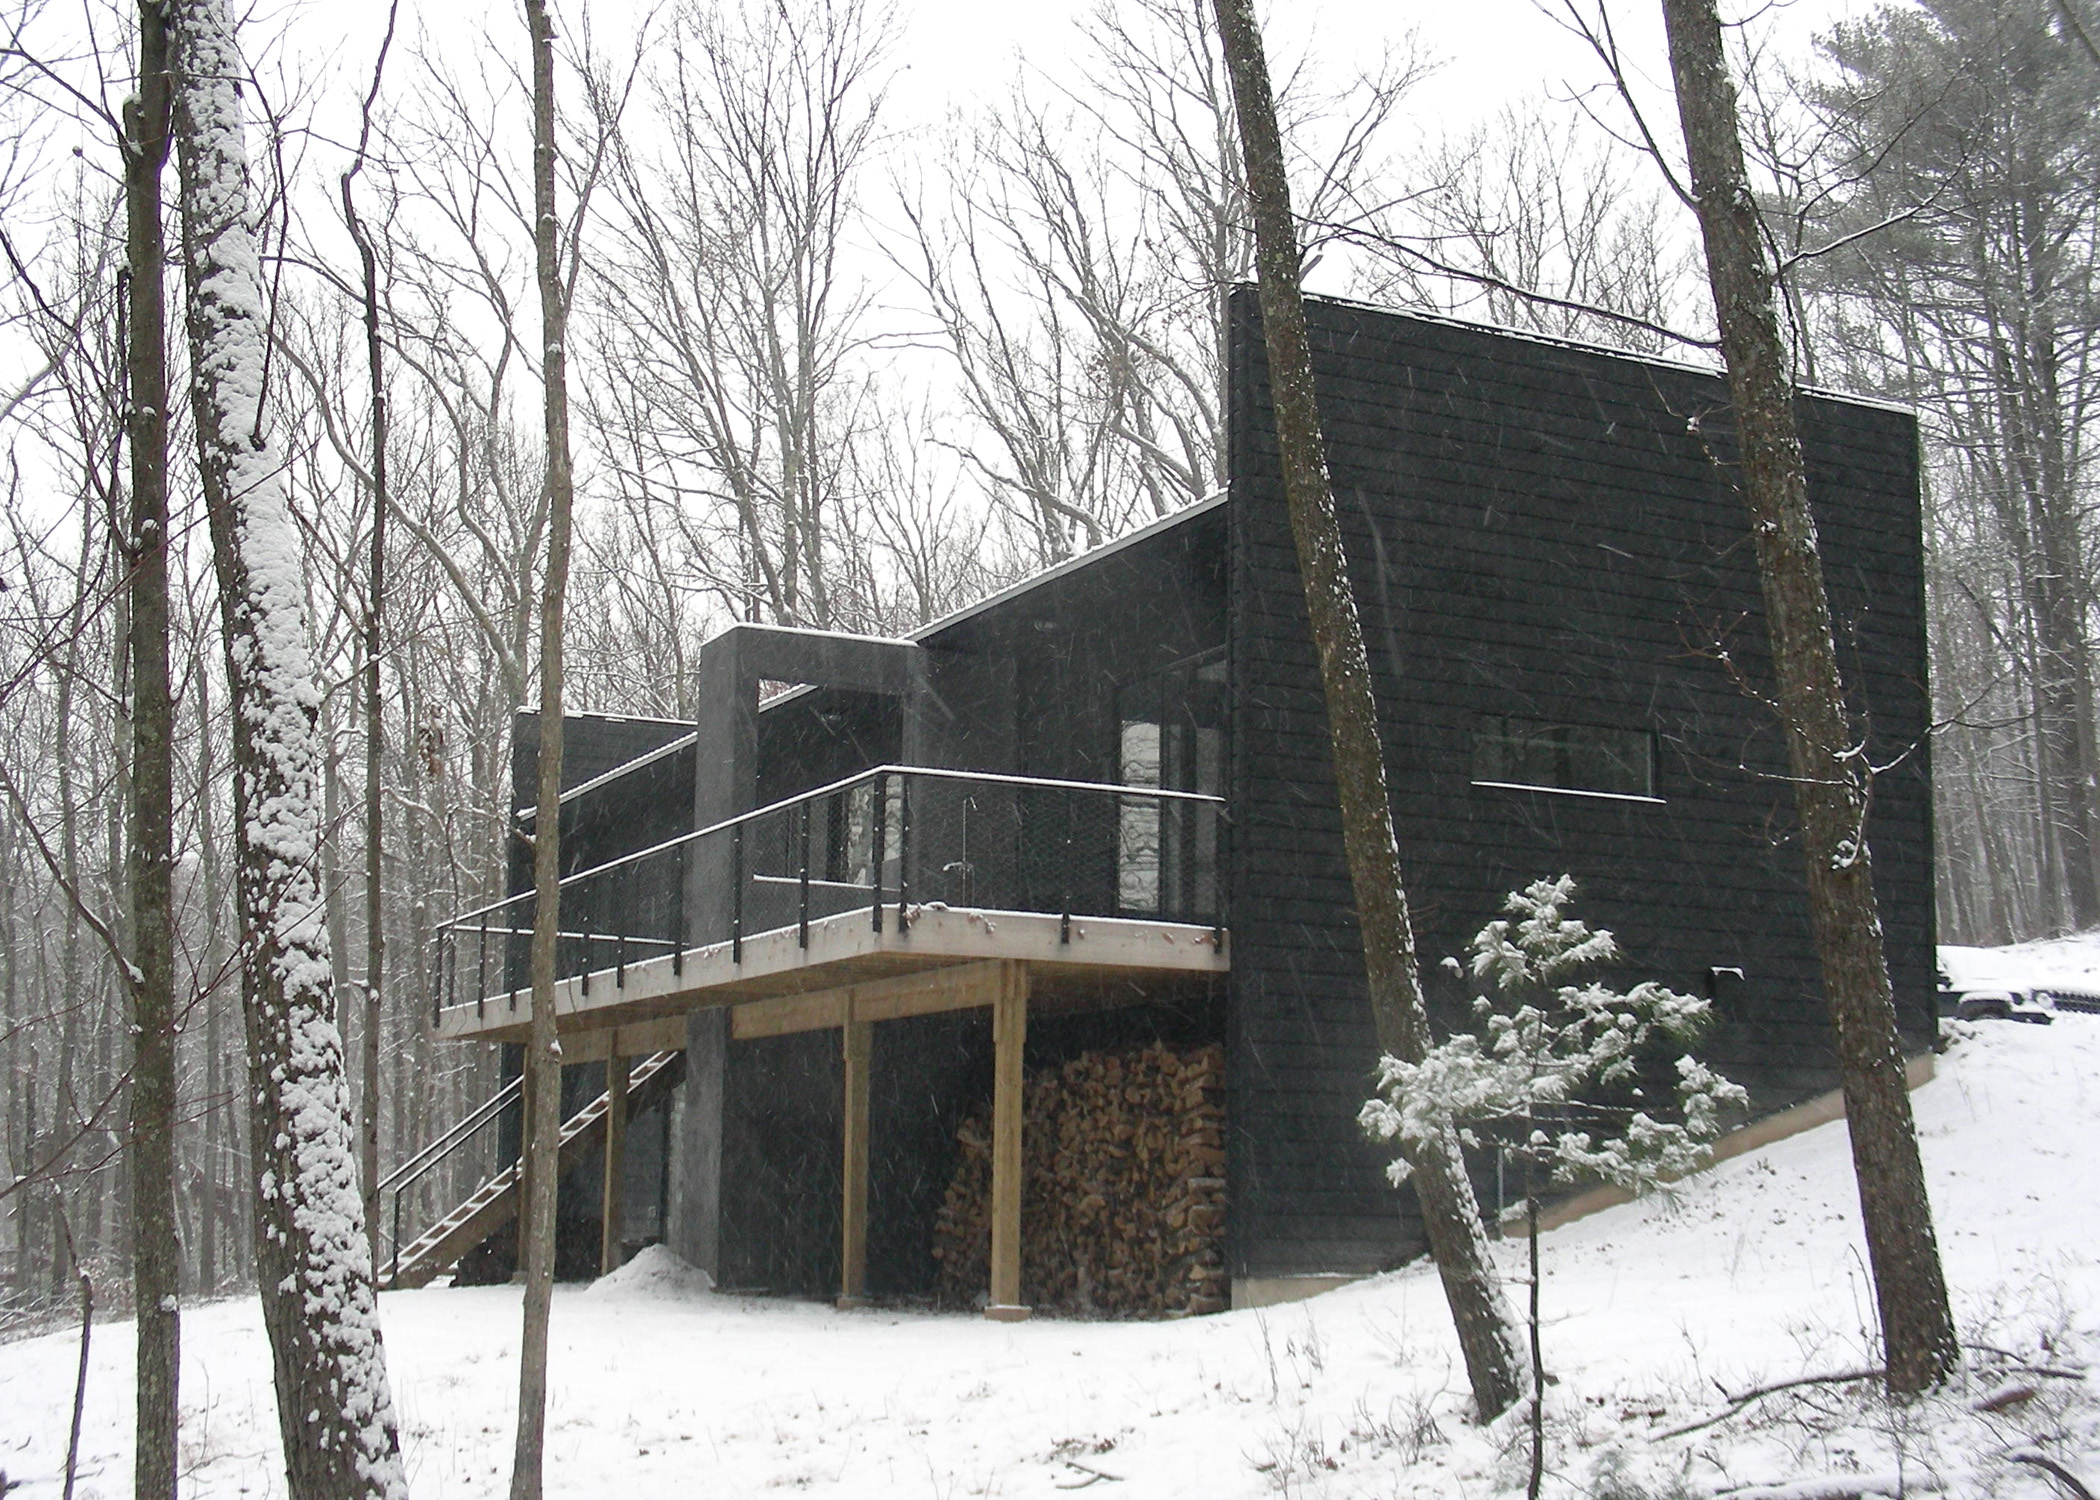 Shadow_Arch RLW Cabin Snow.jpg